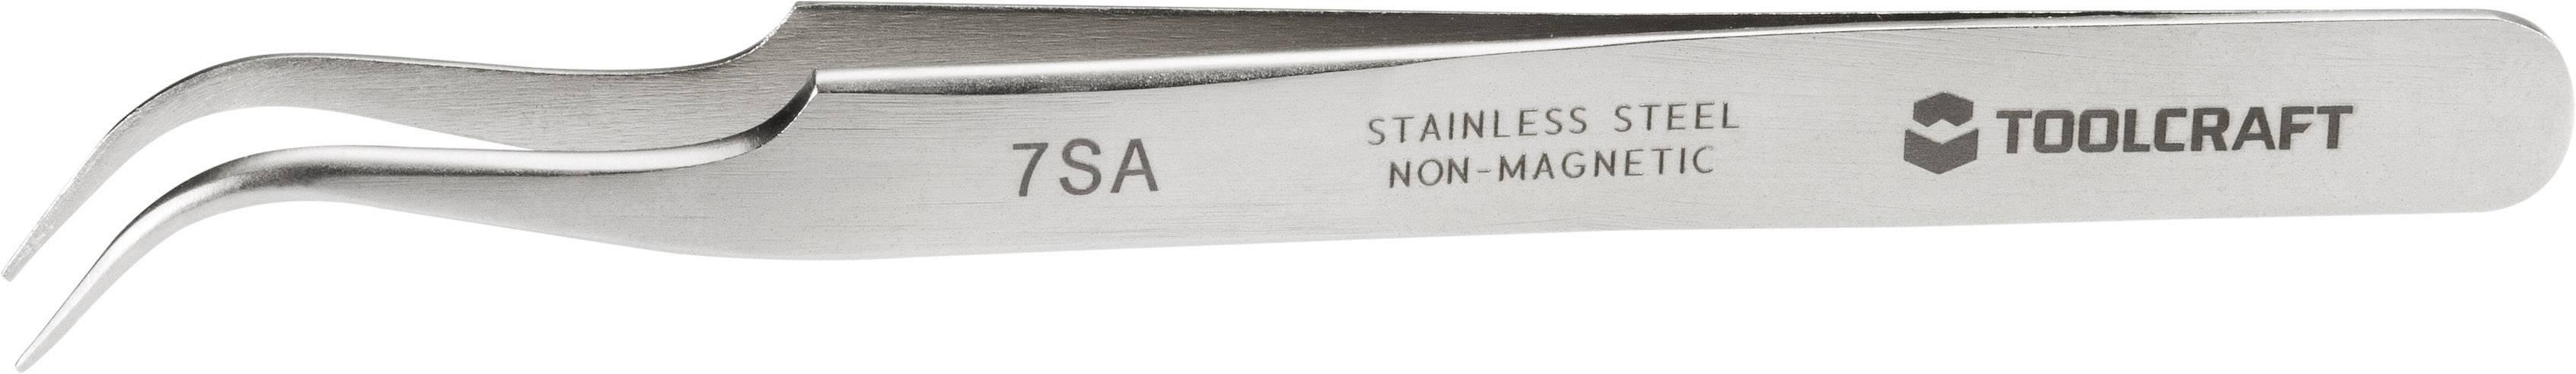 Nerezová pinzeta se špičatým hrotem Toolcraft 7a SA, zahnutá 55°, 120 mm